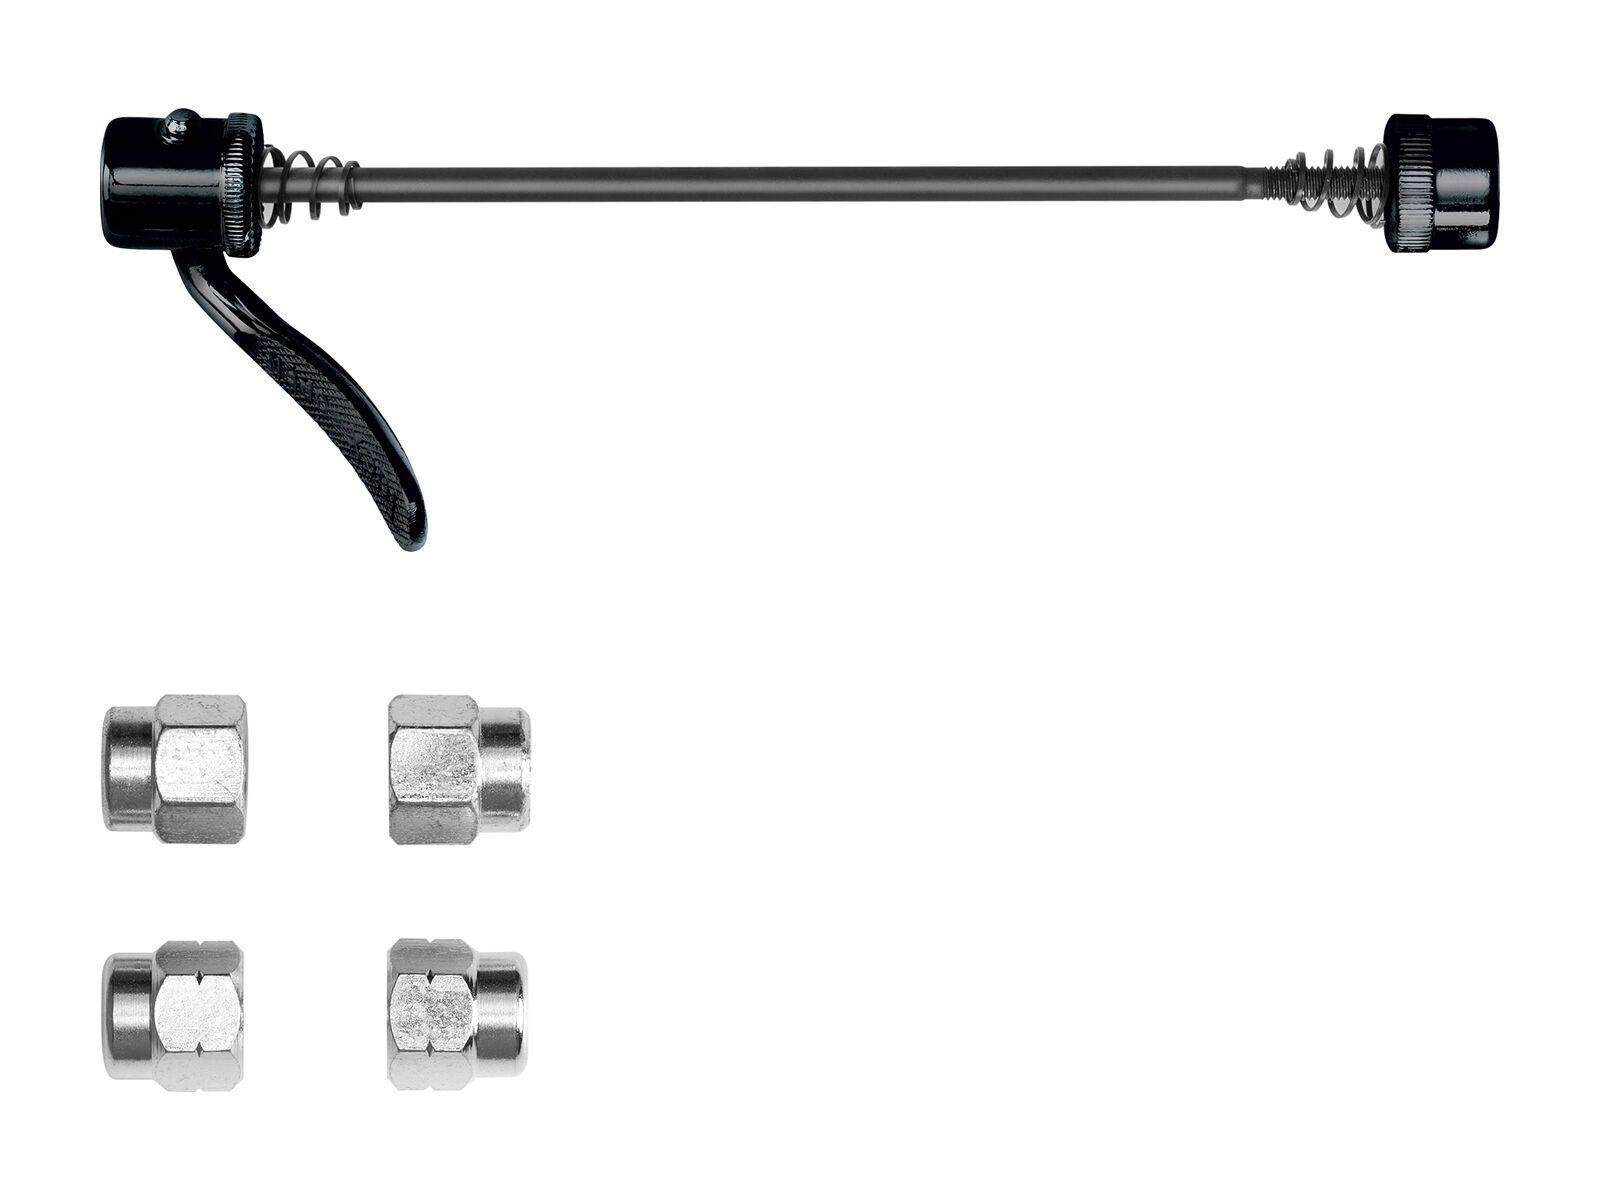 Tacx Universalschnellspanner T1402 - Schnellspanner